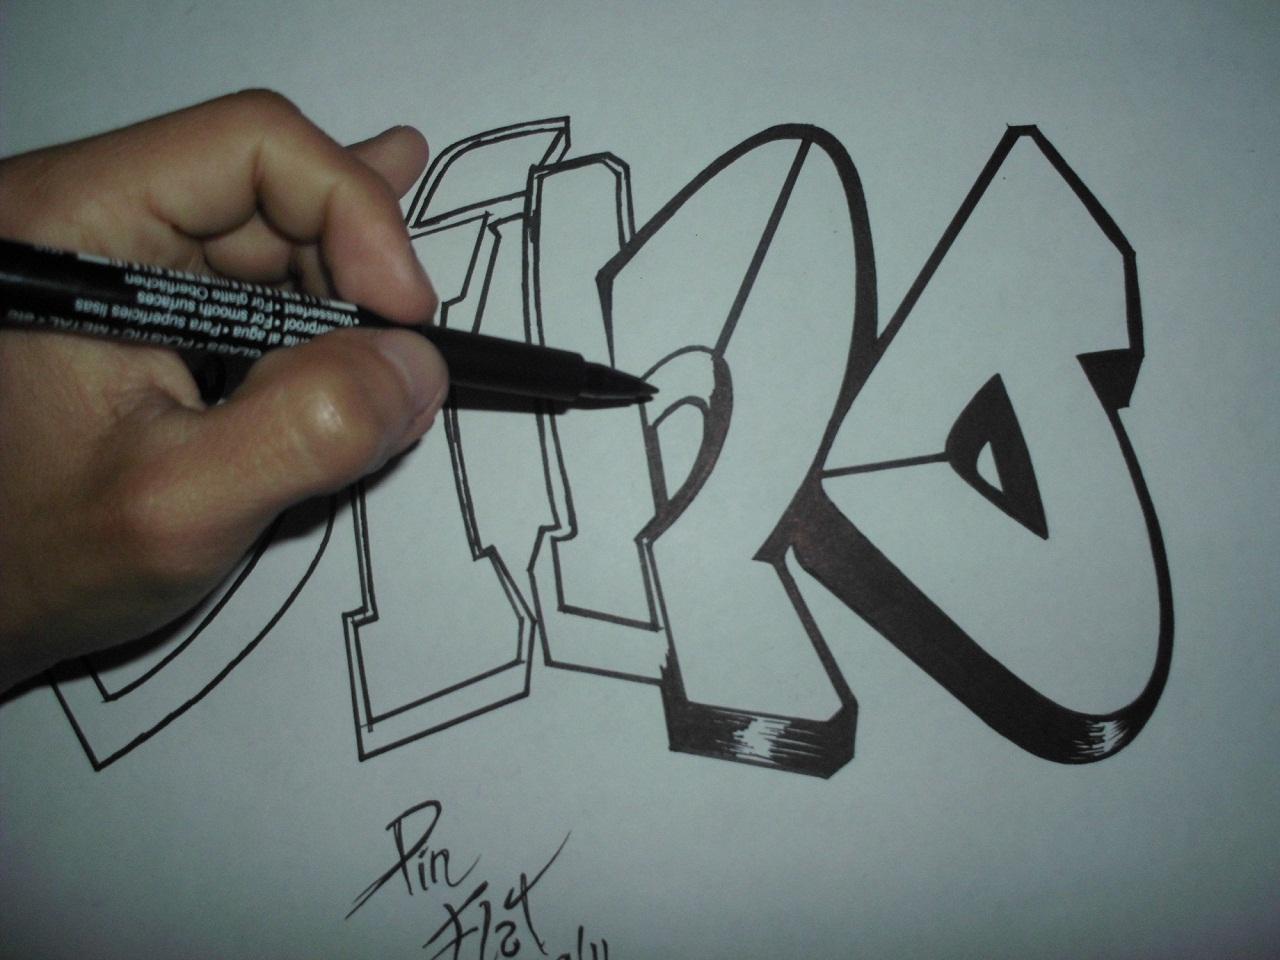 Letras De Graffiti Diseã±Os De Tatuajes Nombres Videos Nuevos By Zartiex